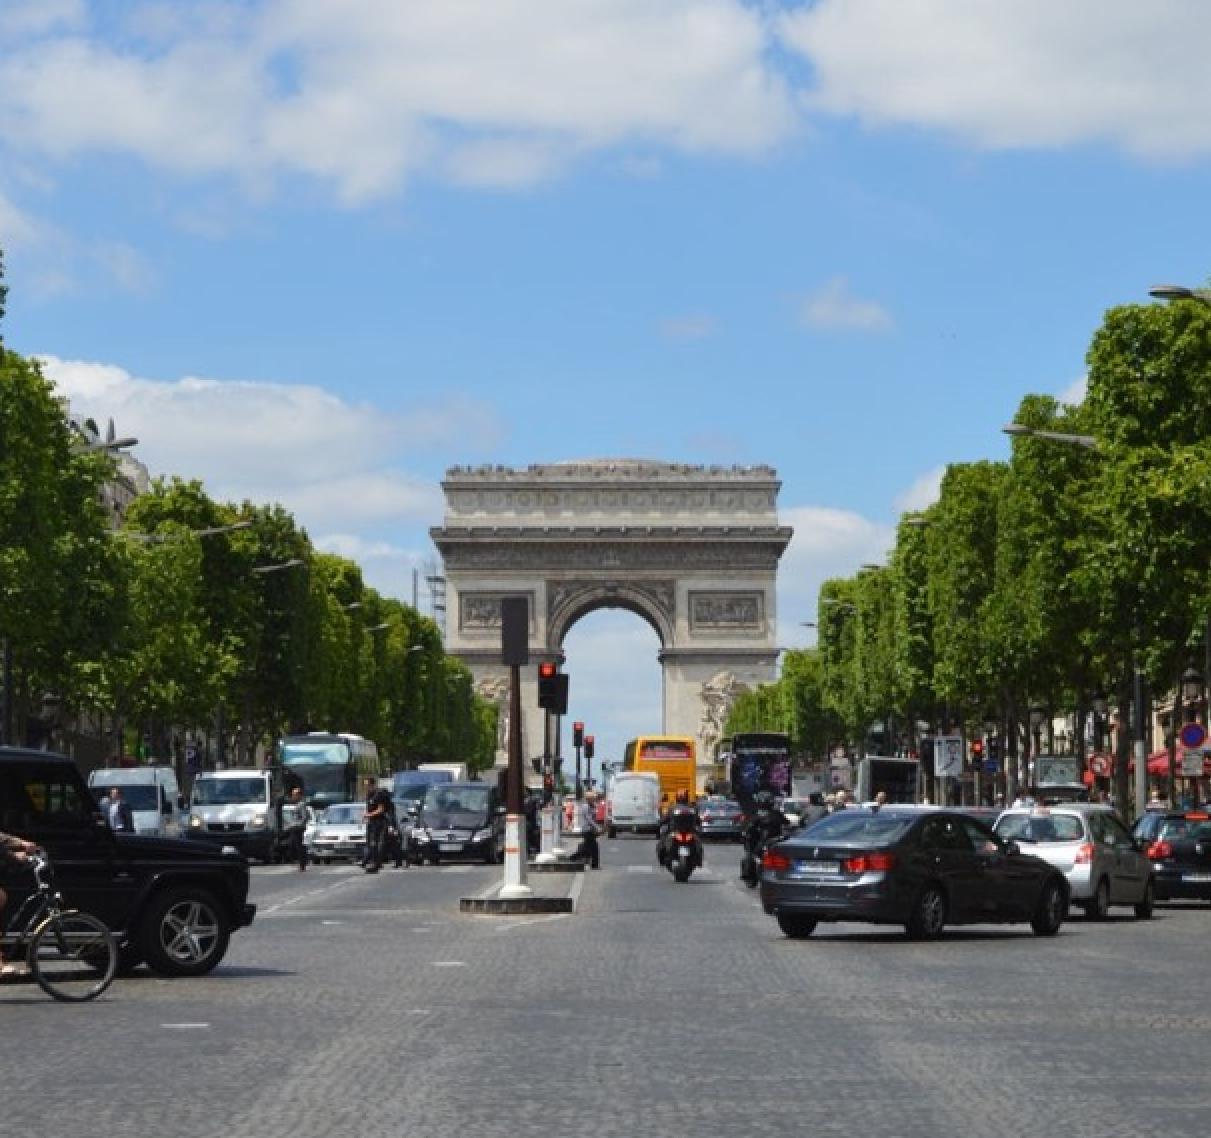 Paris-arc-de-triomphe.png